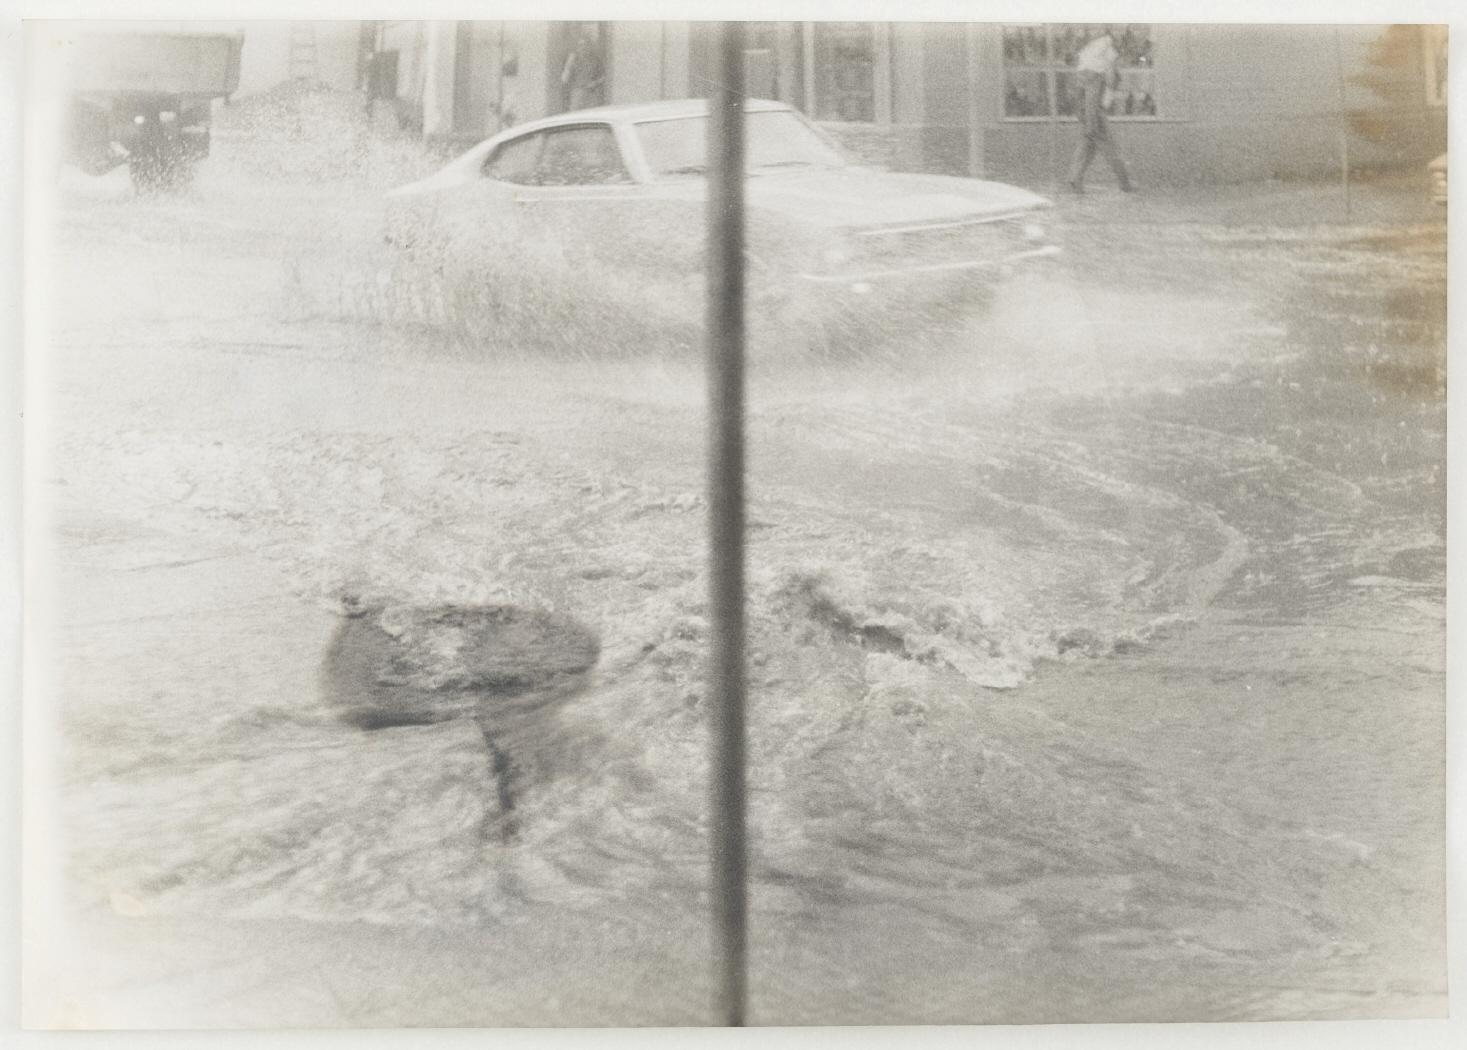 Ohne titel, 1970